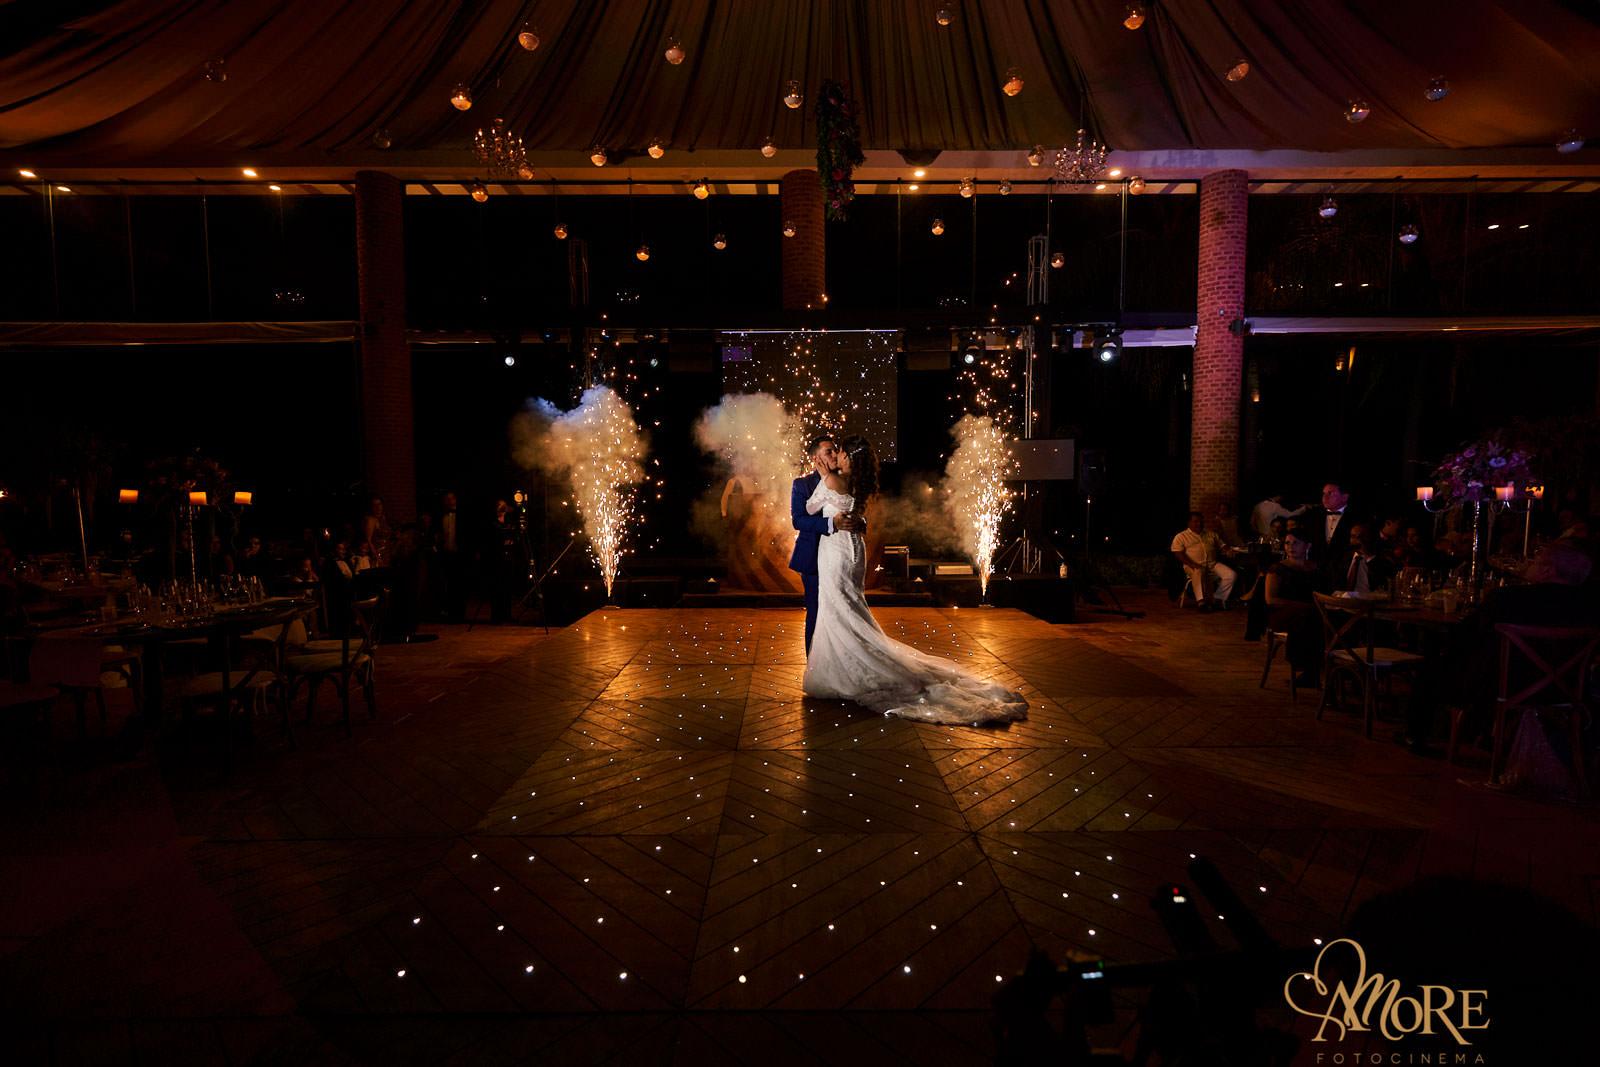 Fotografo de boda en San Jose de Gracia